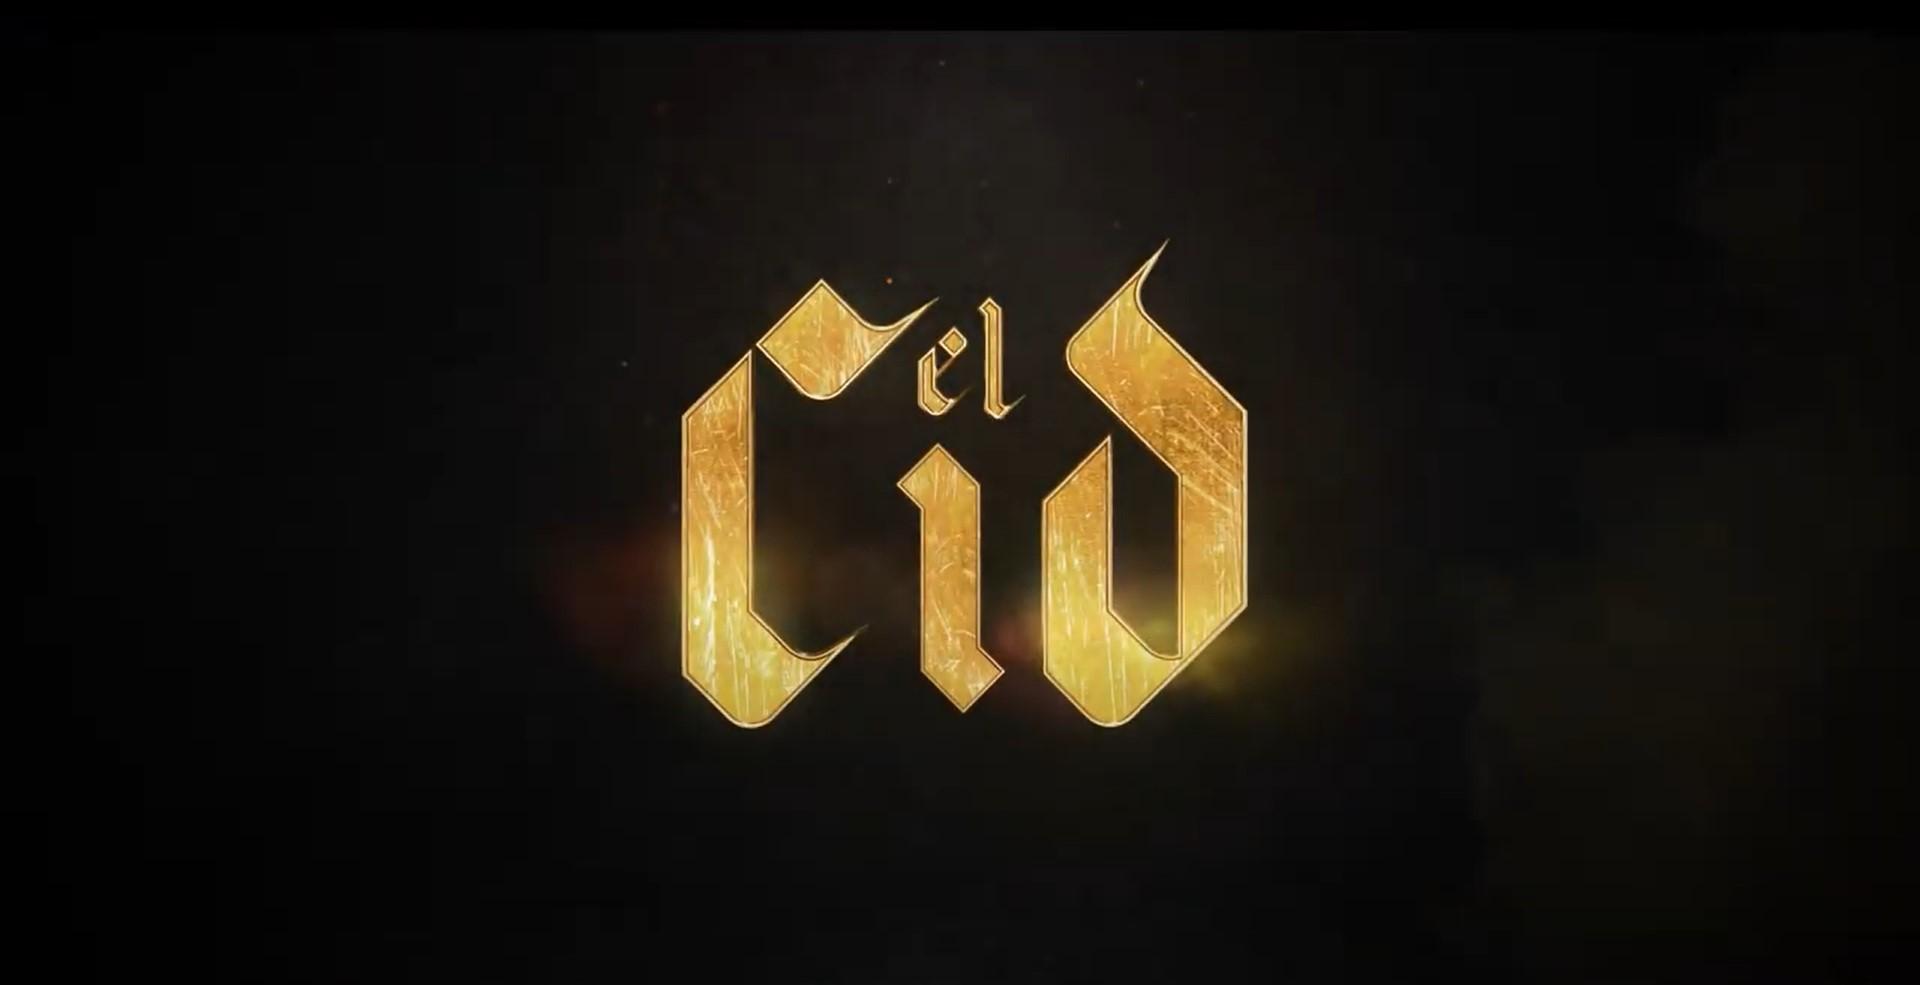 """First images of """"El Cid"""" teaser"""